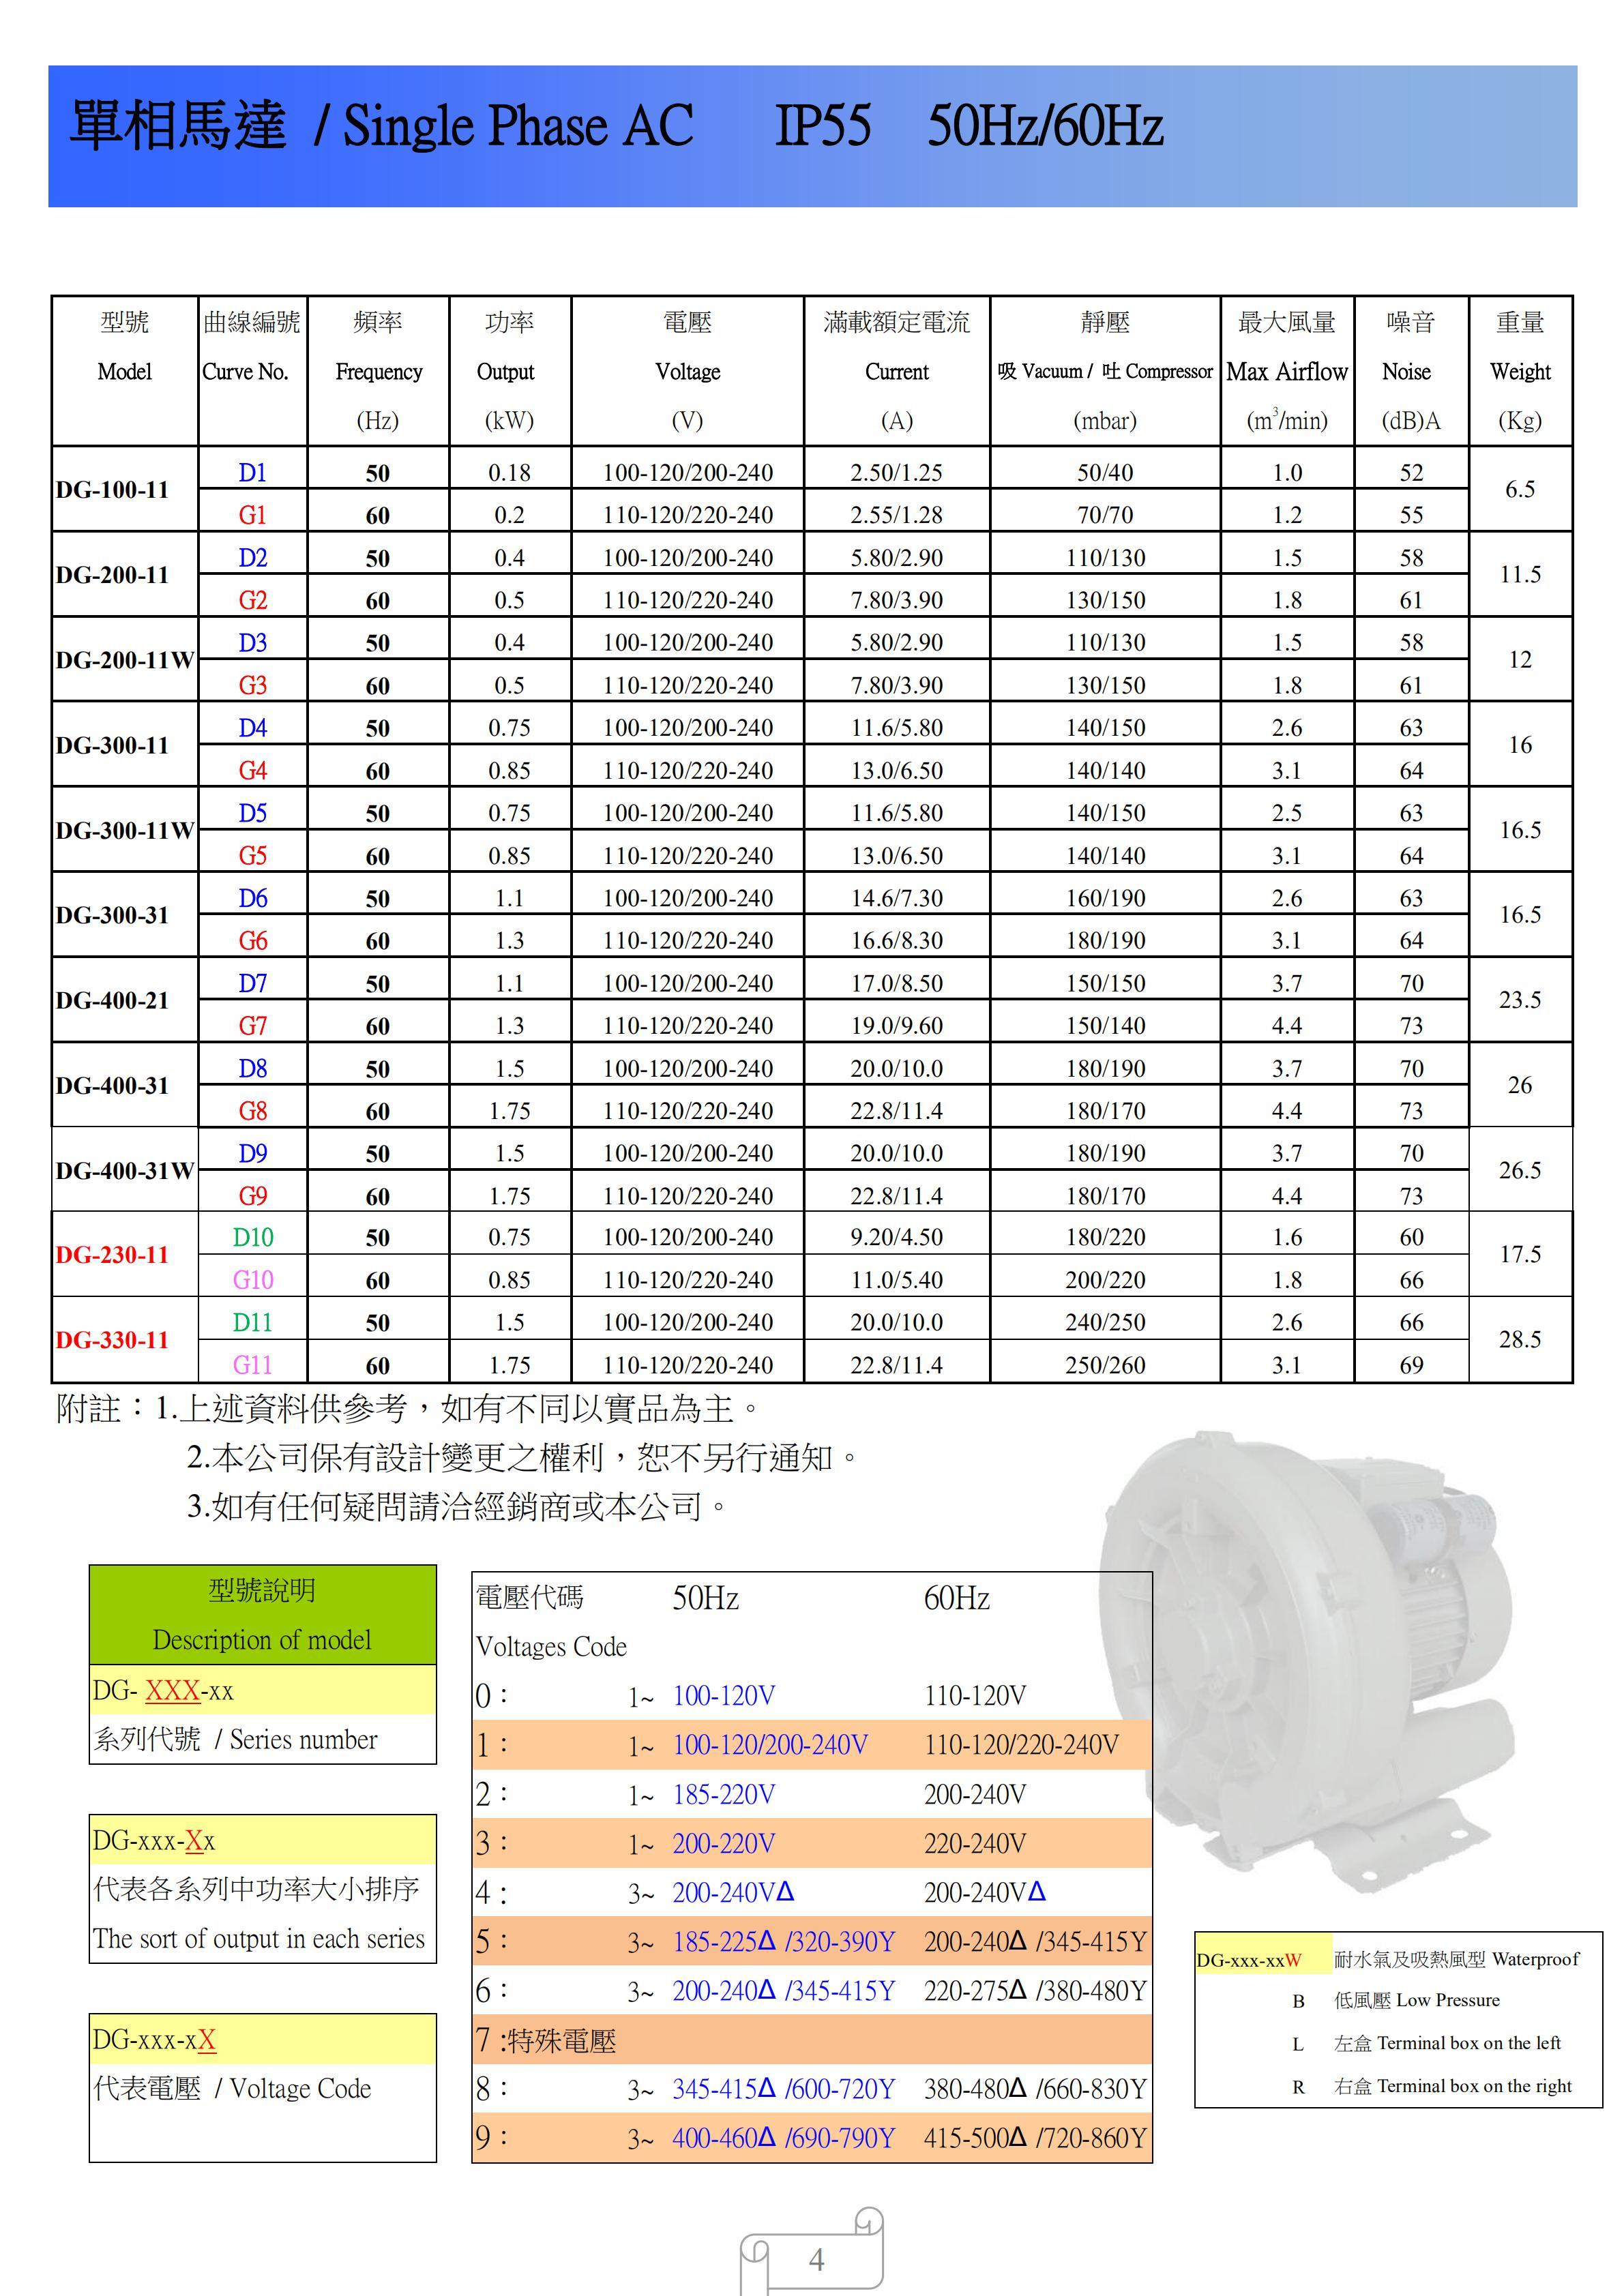 台湾达纲单相高压风机性能参数